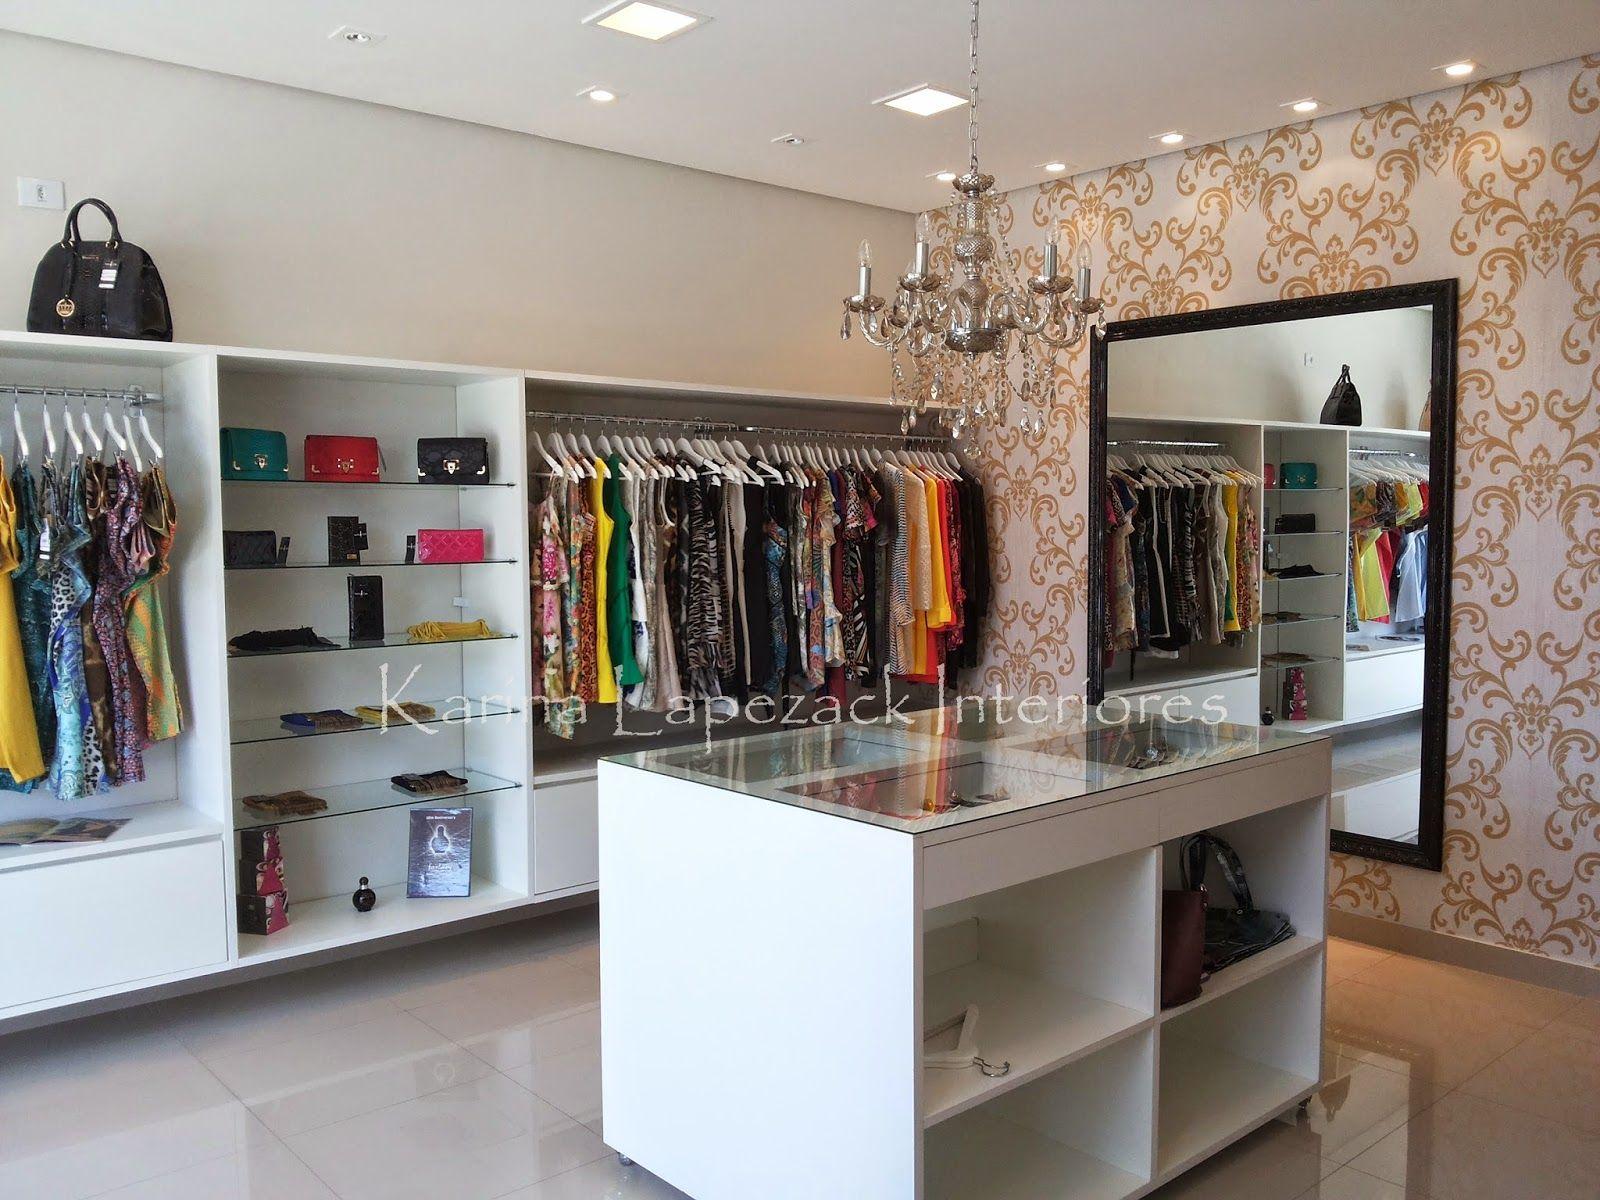 Ideias Para Boutique De Roupas - Pesquisa Google Home